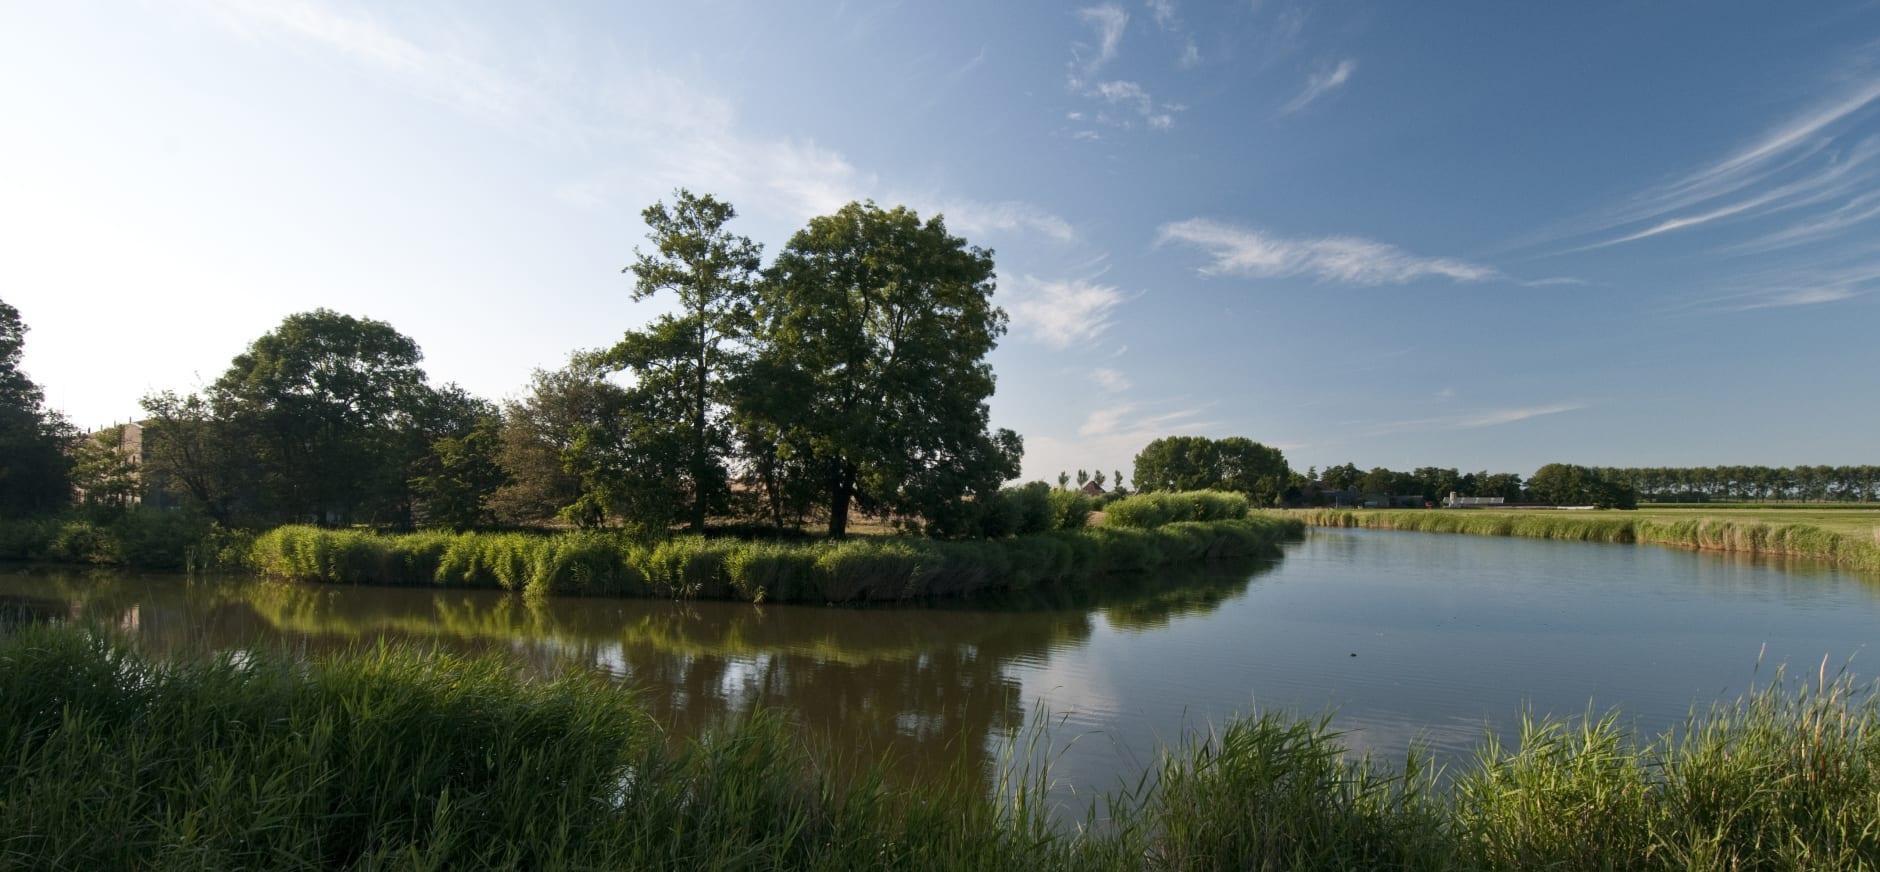 Stelling van Amsterdam: UNESCO-landschap